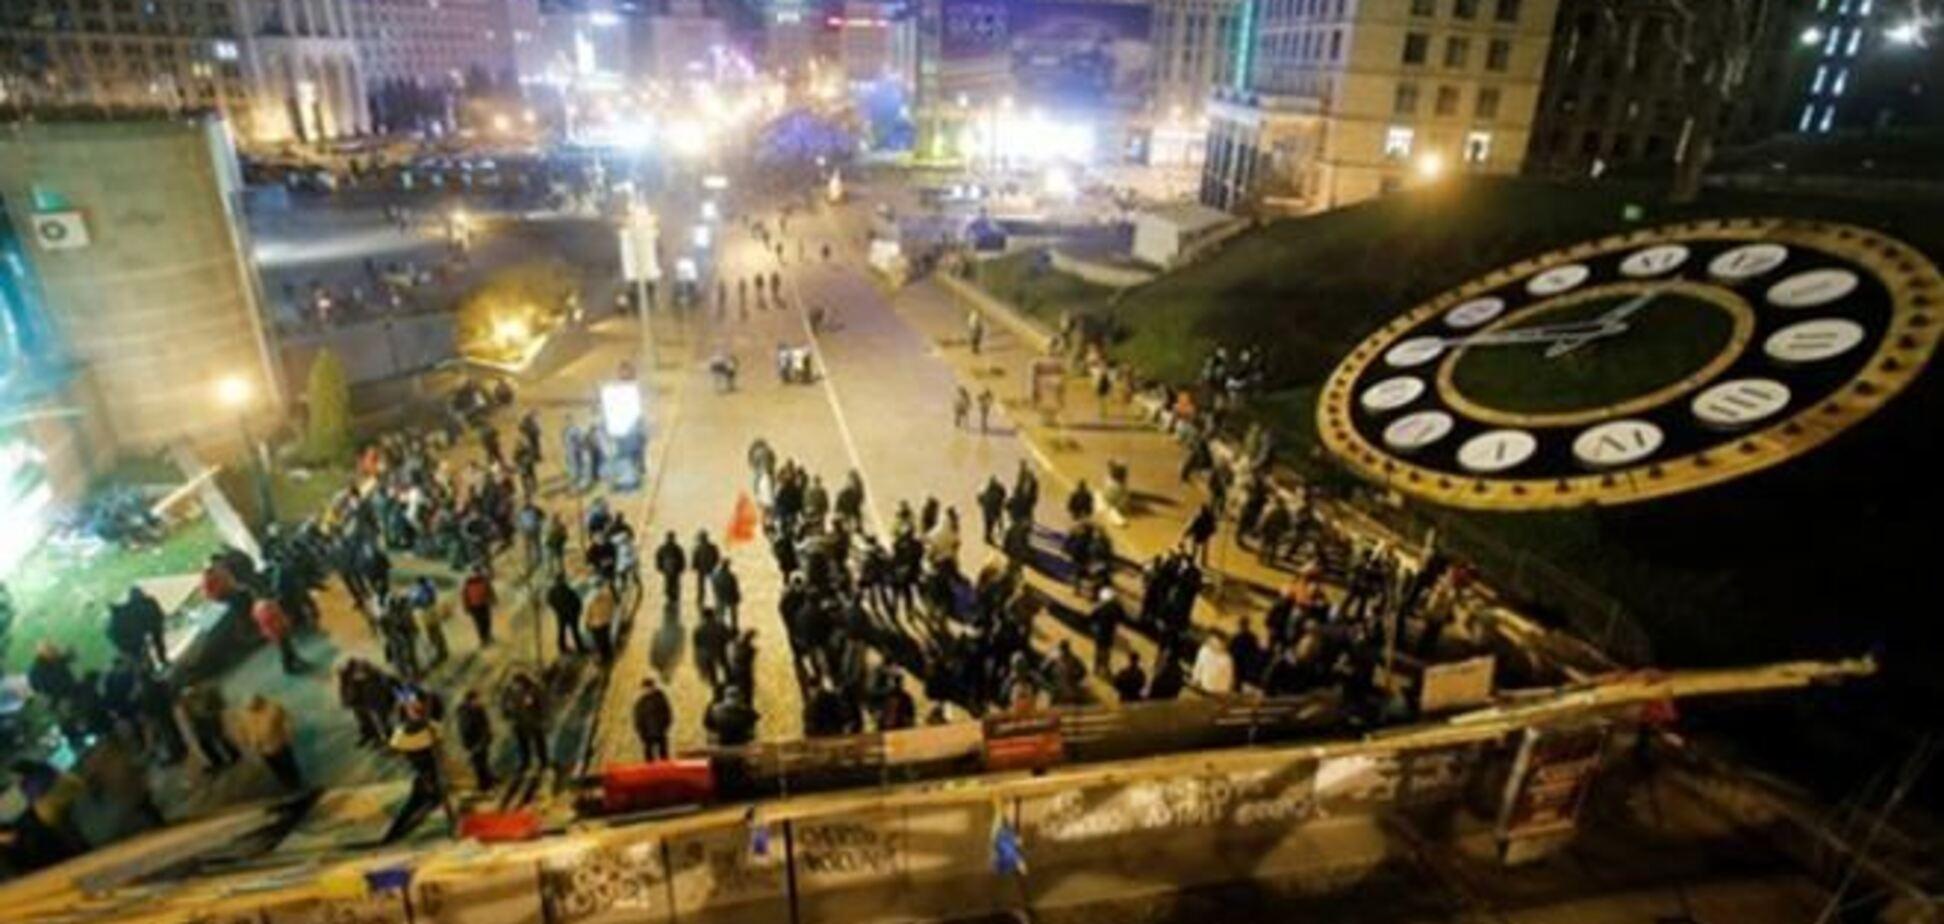 Евромайдановцы стягиваются к баррикадам в ожидании разгона